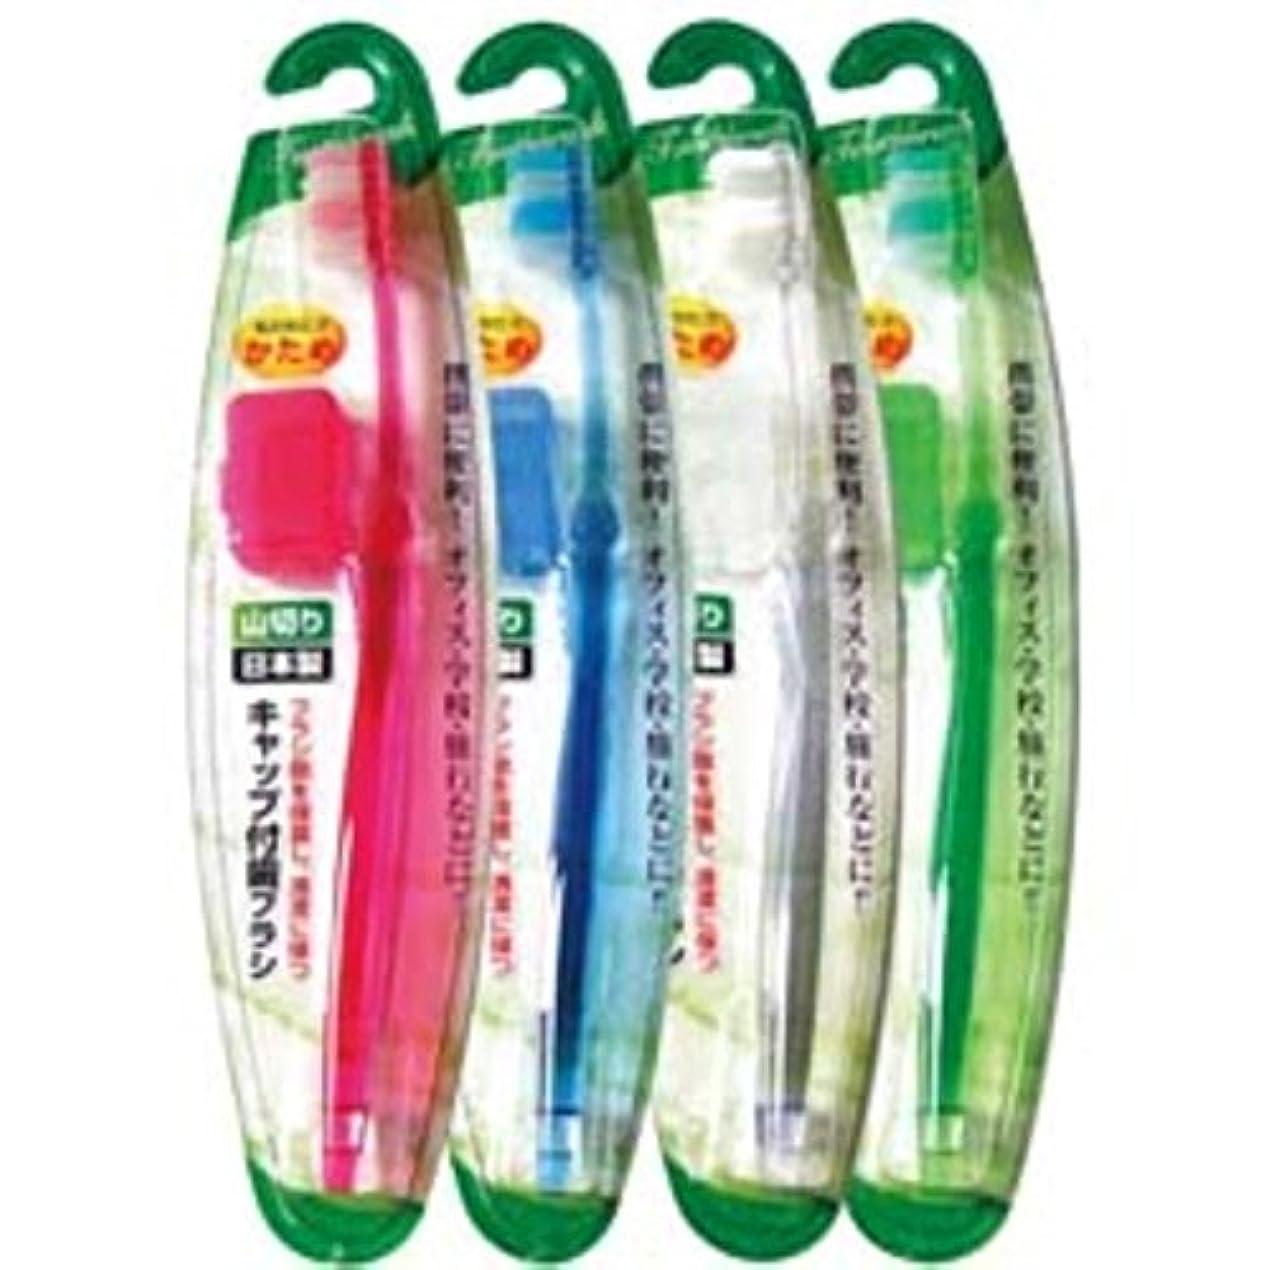 いつでもの間にオートメーションキャップ付歯ブラシ山切りカット(かため)日本製 japan 【まとめ買い12個セット】 41-210